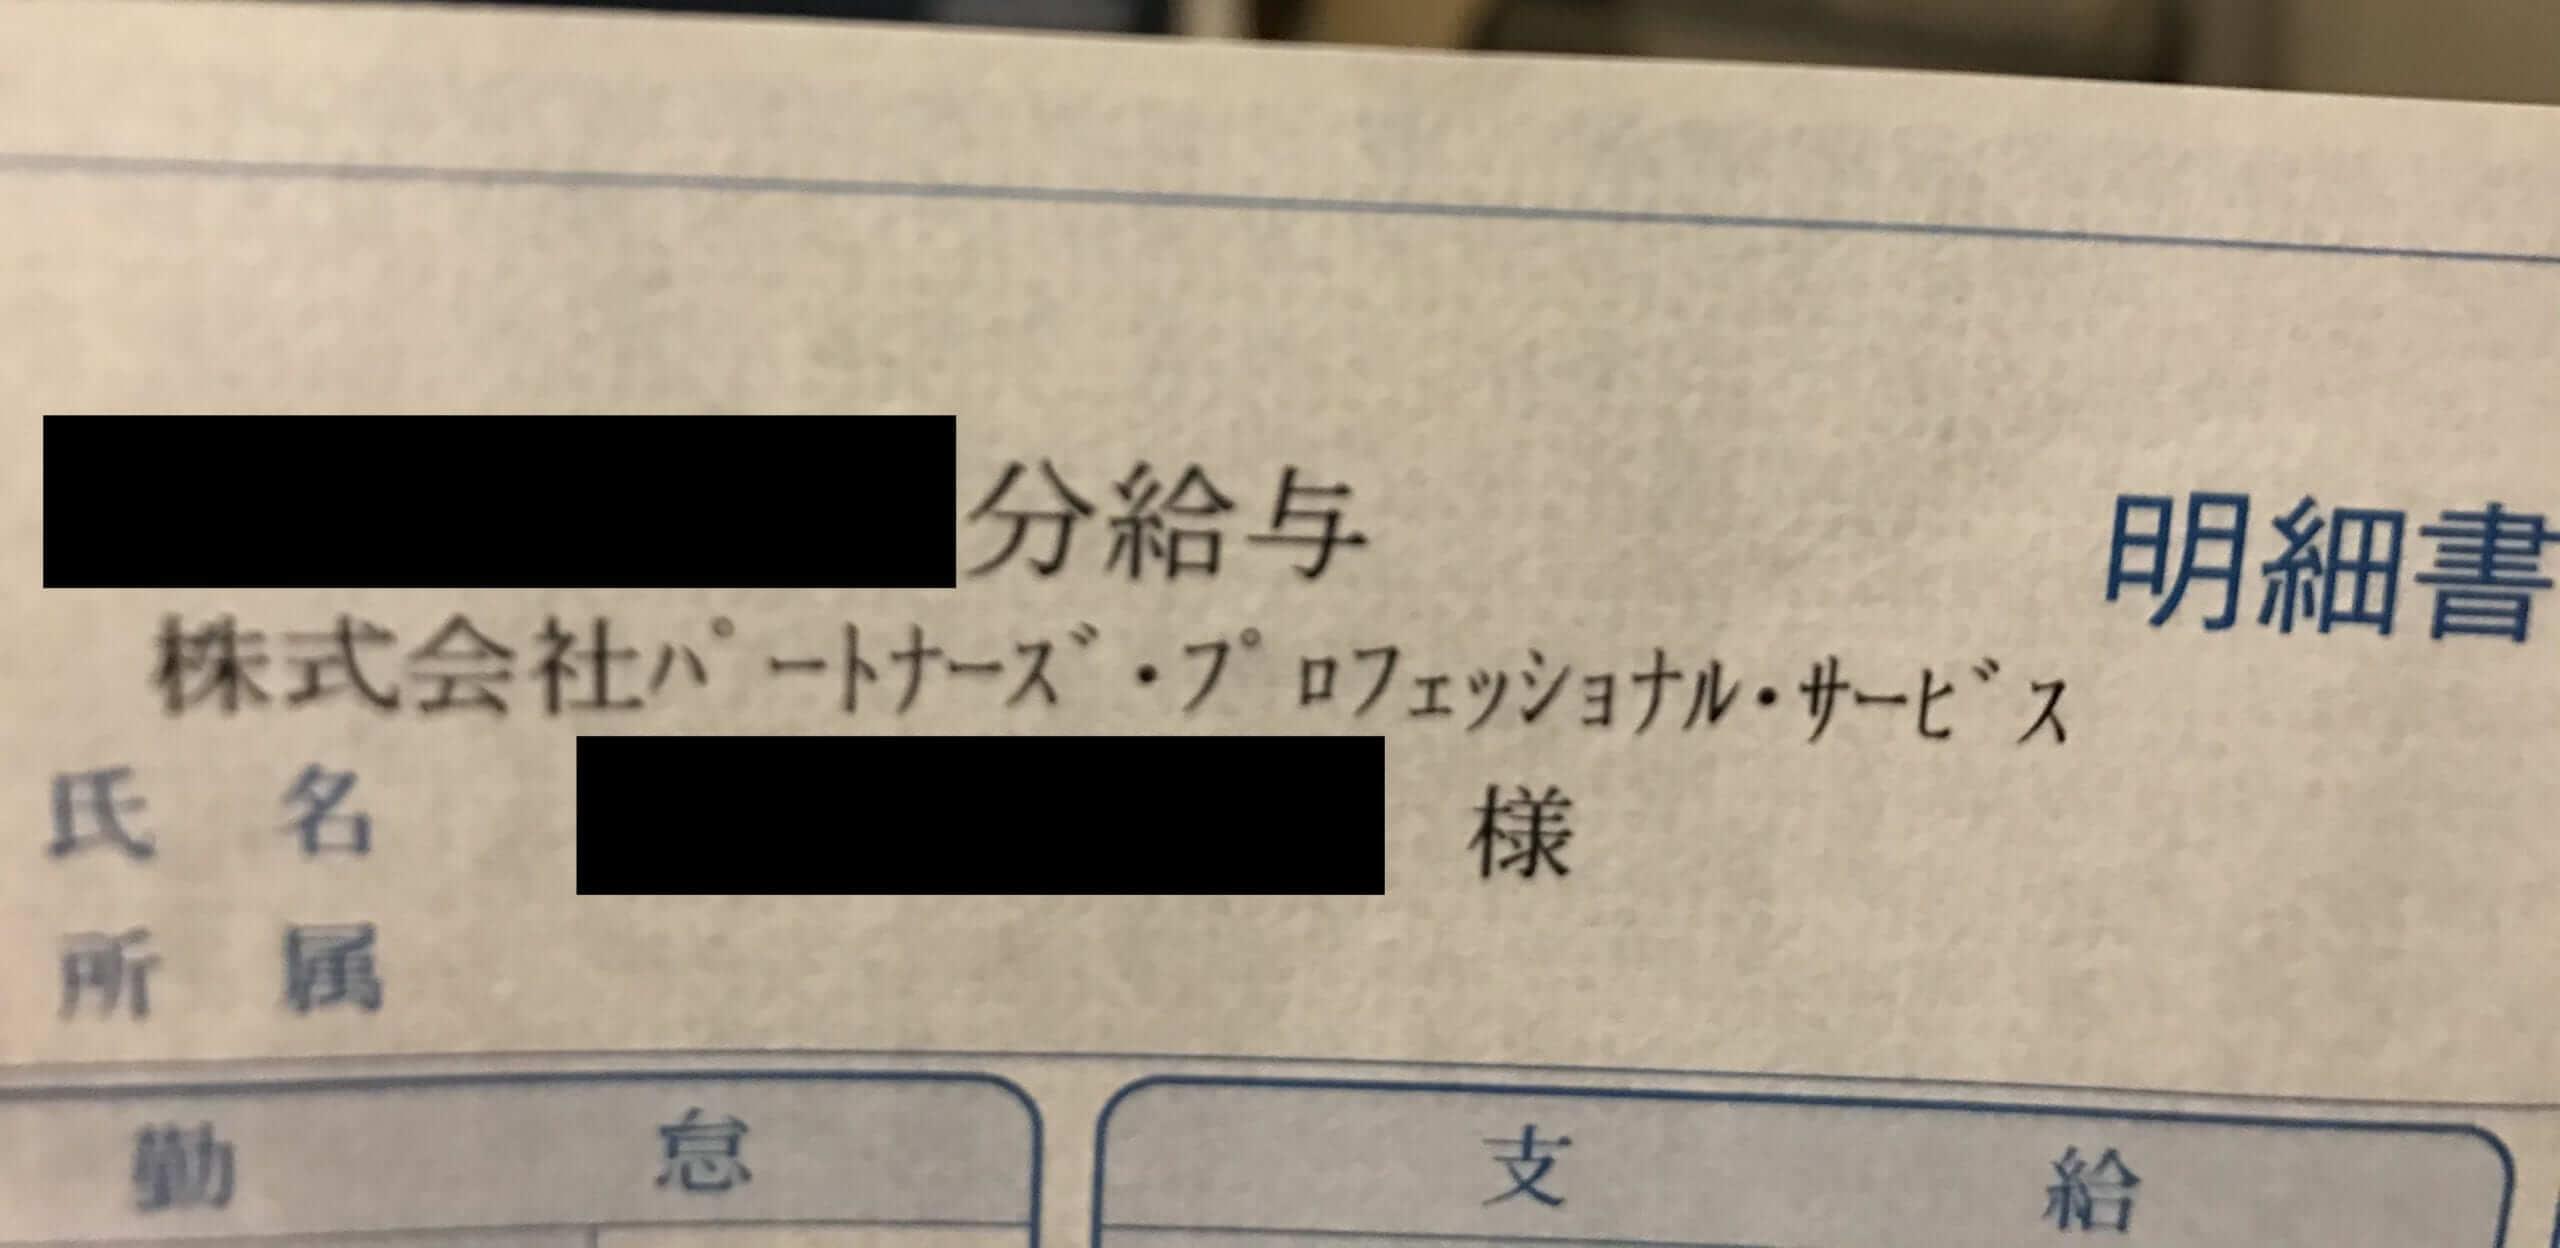 プロフェッショナル・パートナーズ・サービス 本社